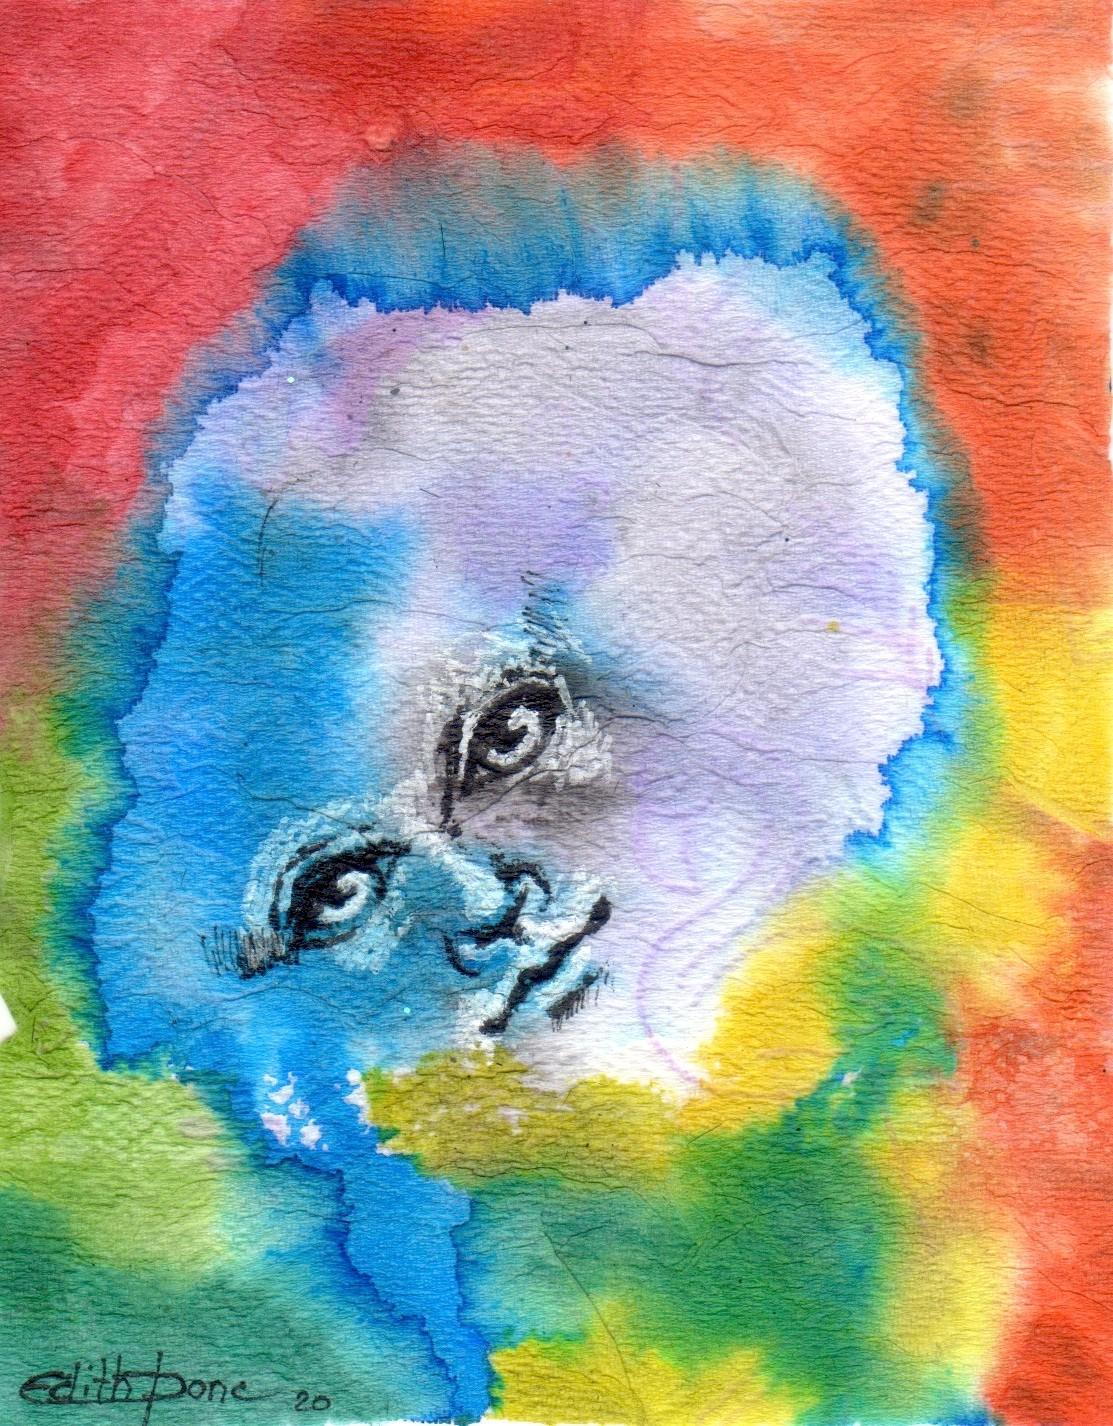 Edith Donc - La tête dans les nuages